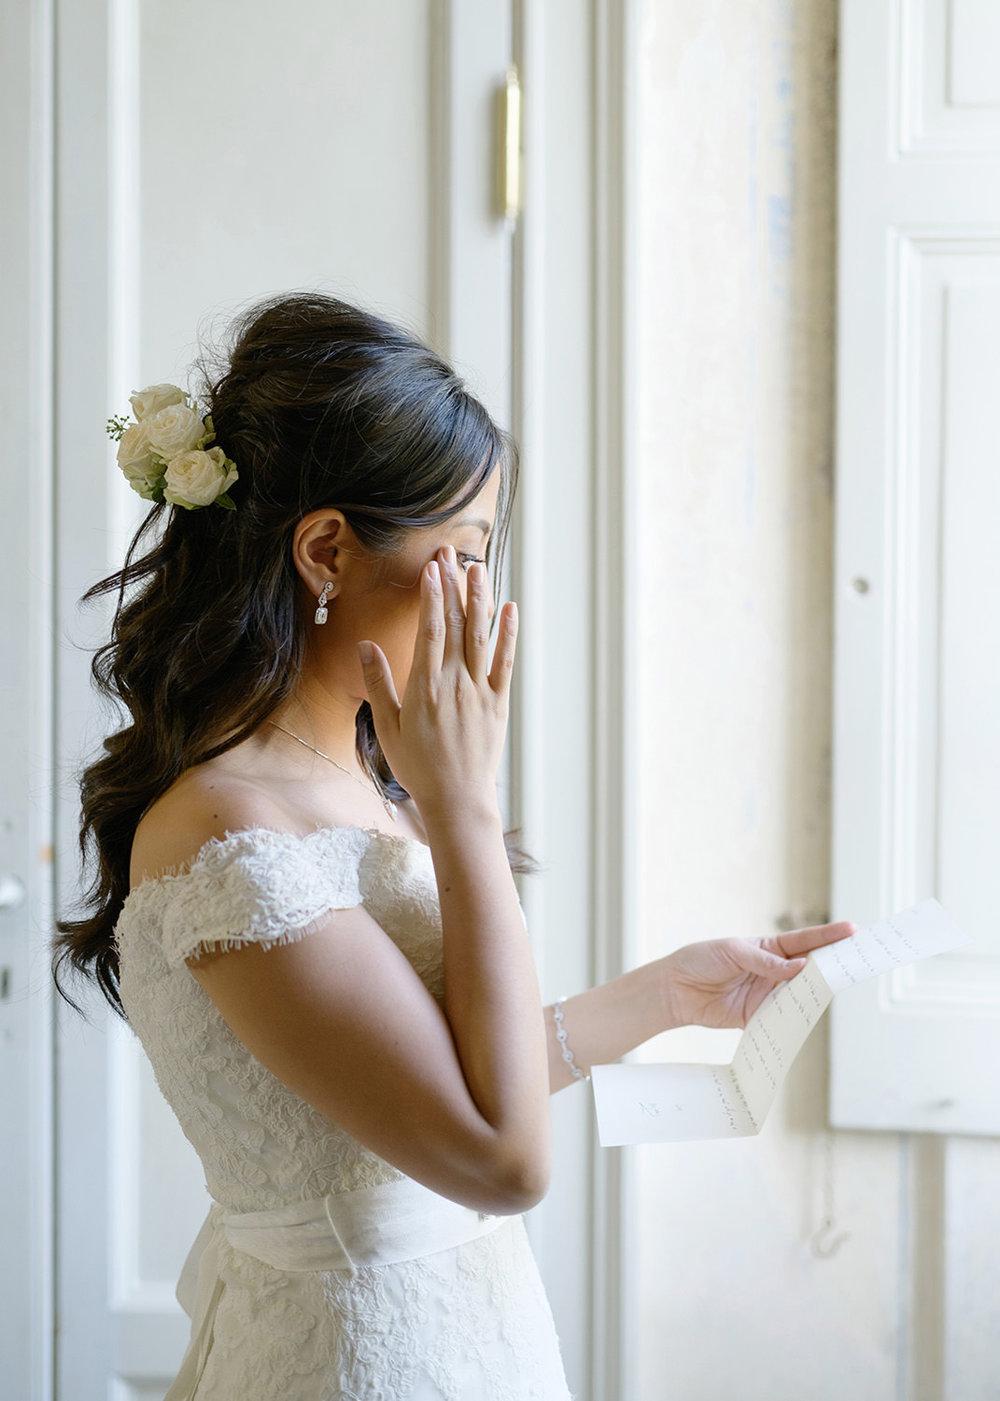 villa-regina-teodolinda-wedding-photographer-C&B-©bottega53-49.JPG